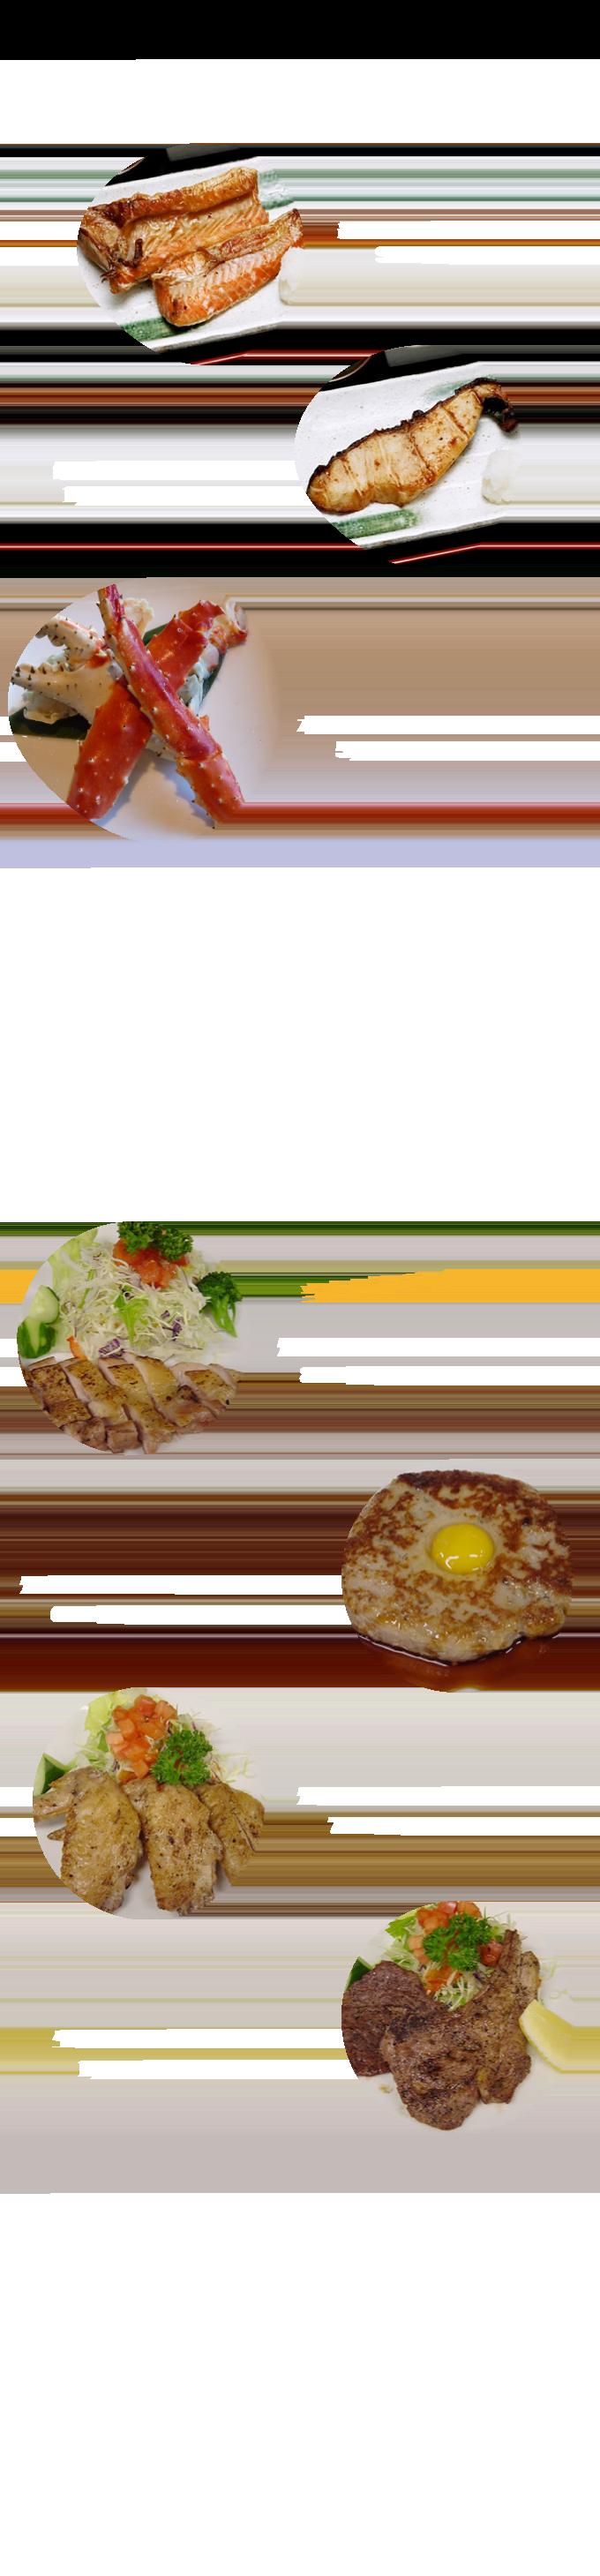 【焼き物】ベイエリア店のディナーメニュー